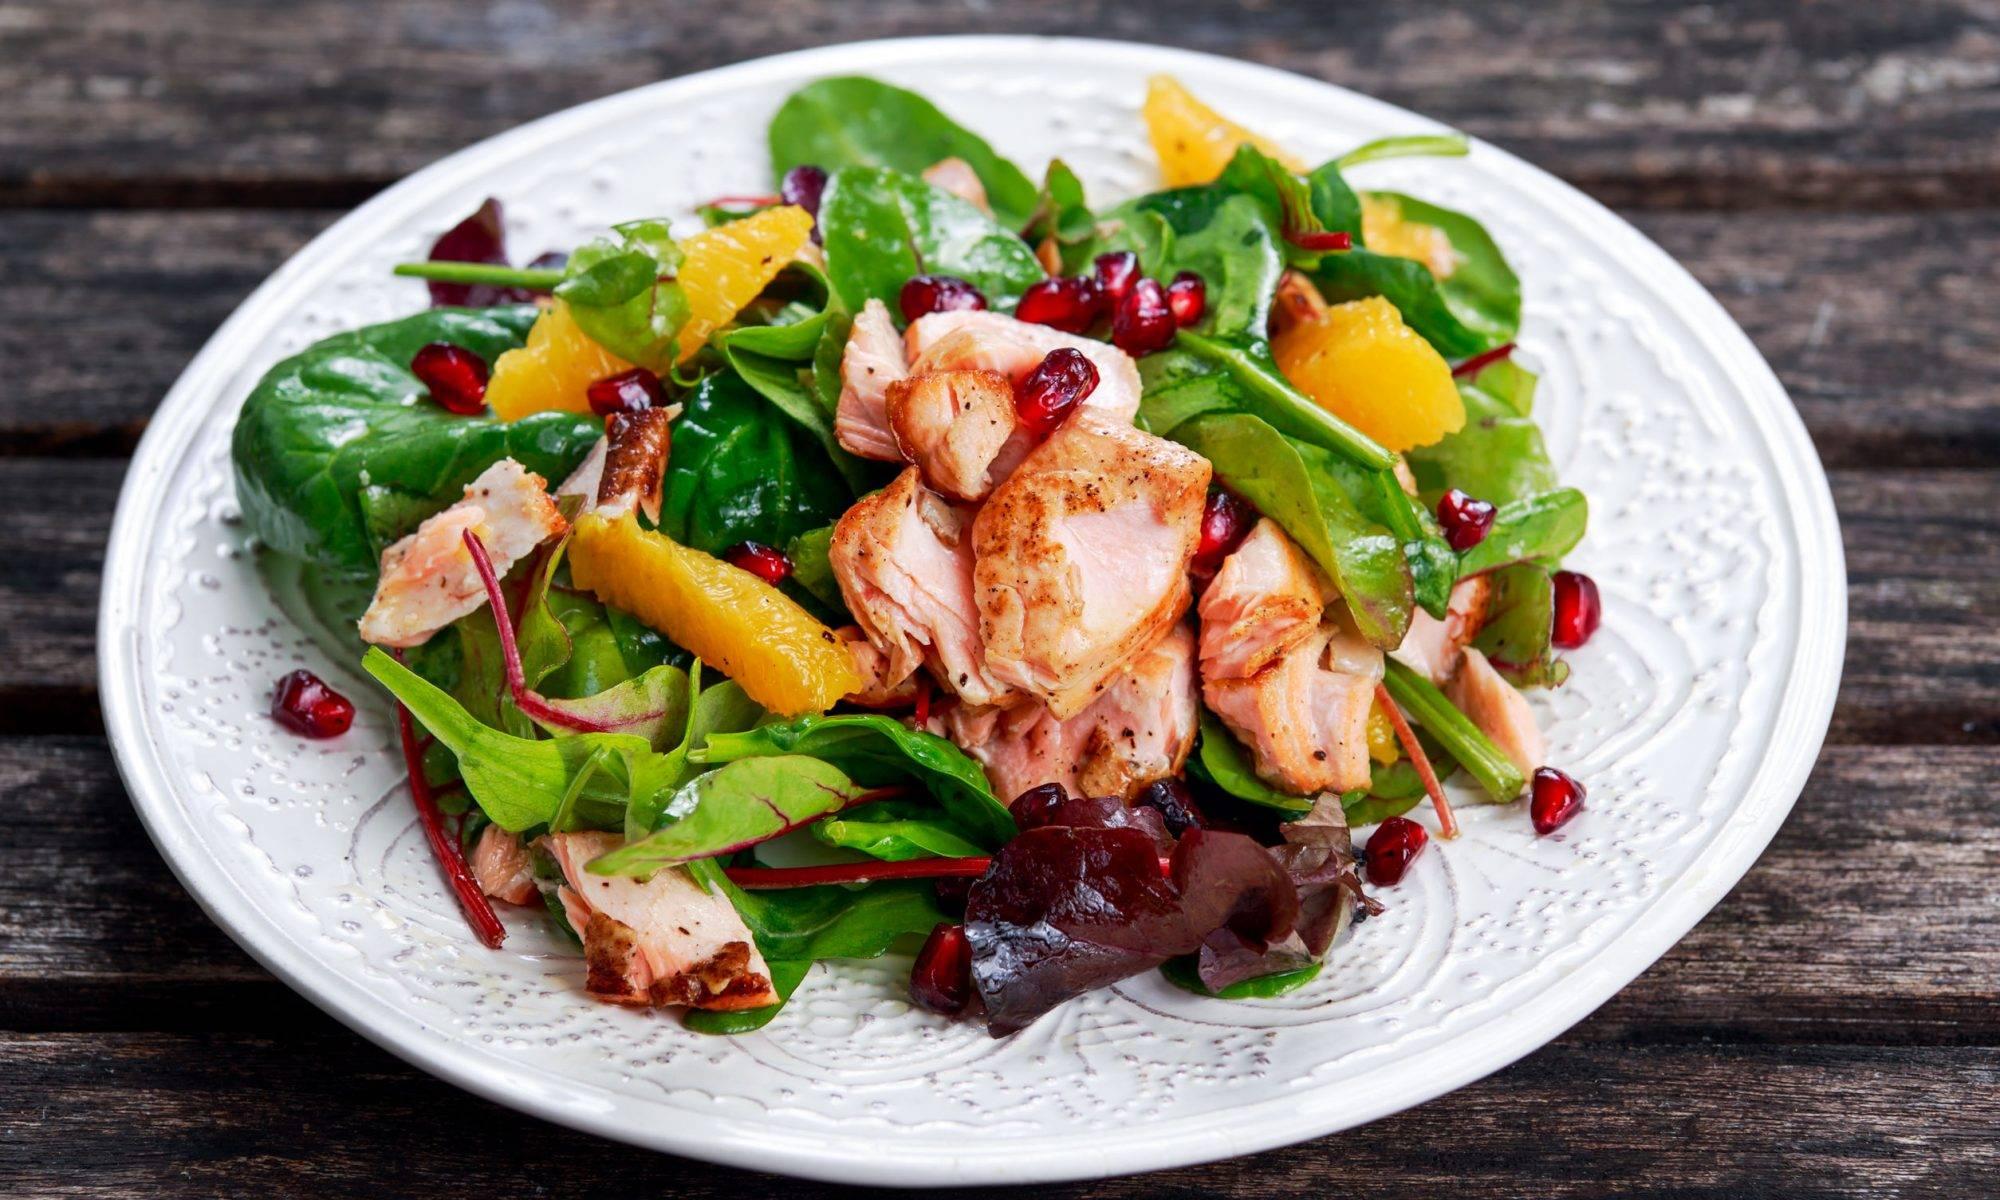 Салат с лососем - 17 домашних вкусных рецептов приготовления